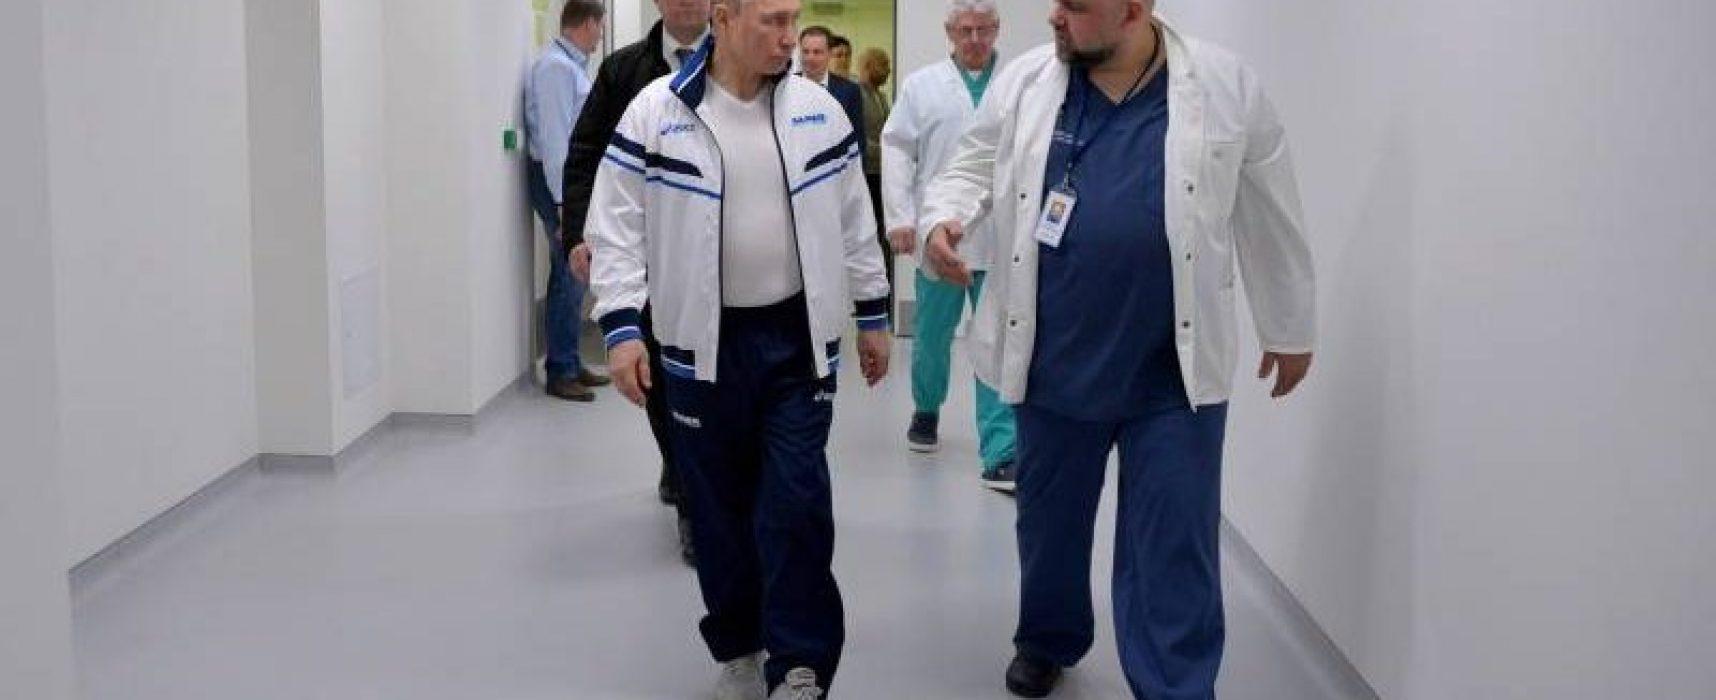 Ксения Кириллова: Как Кремль использует пандемию в пропаганде